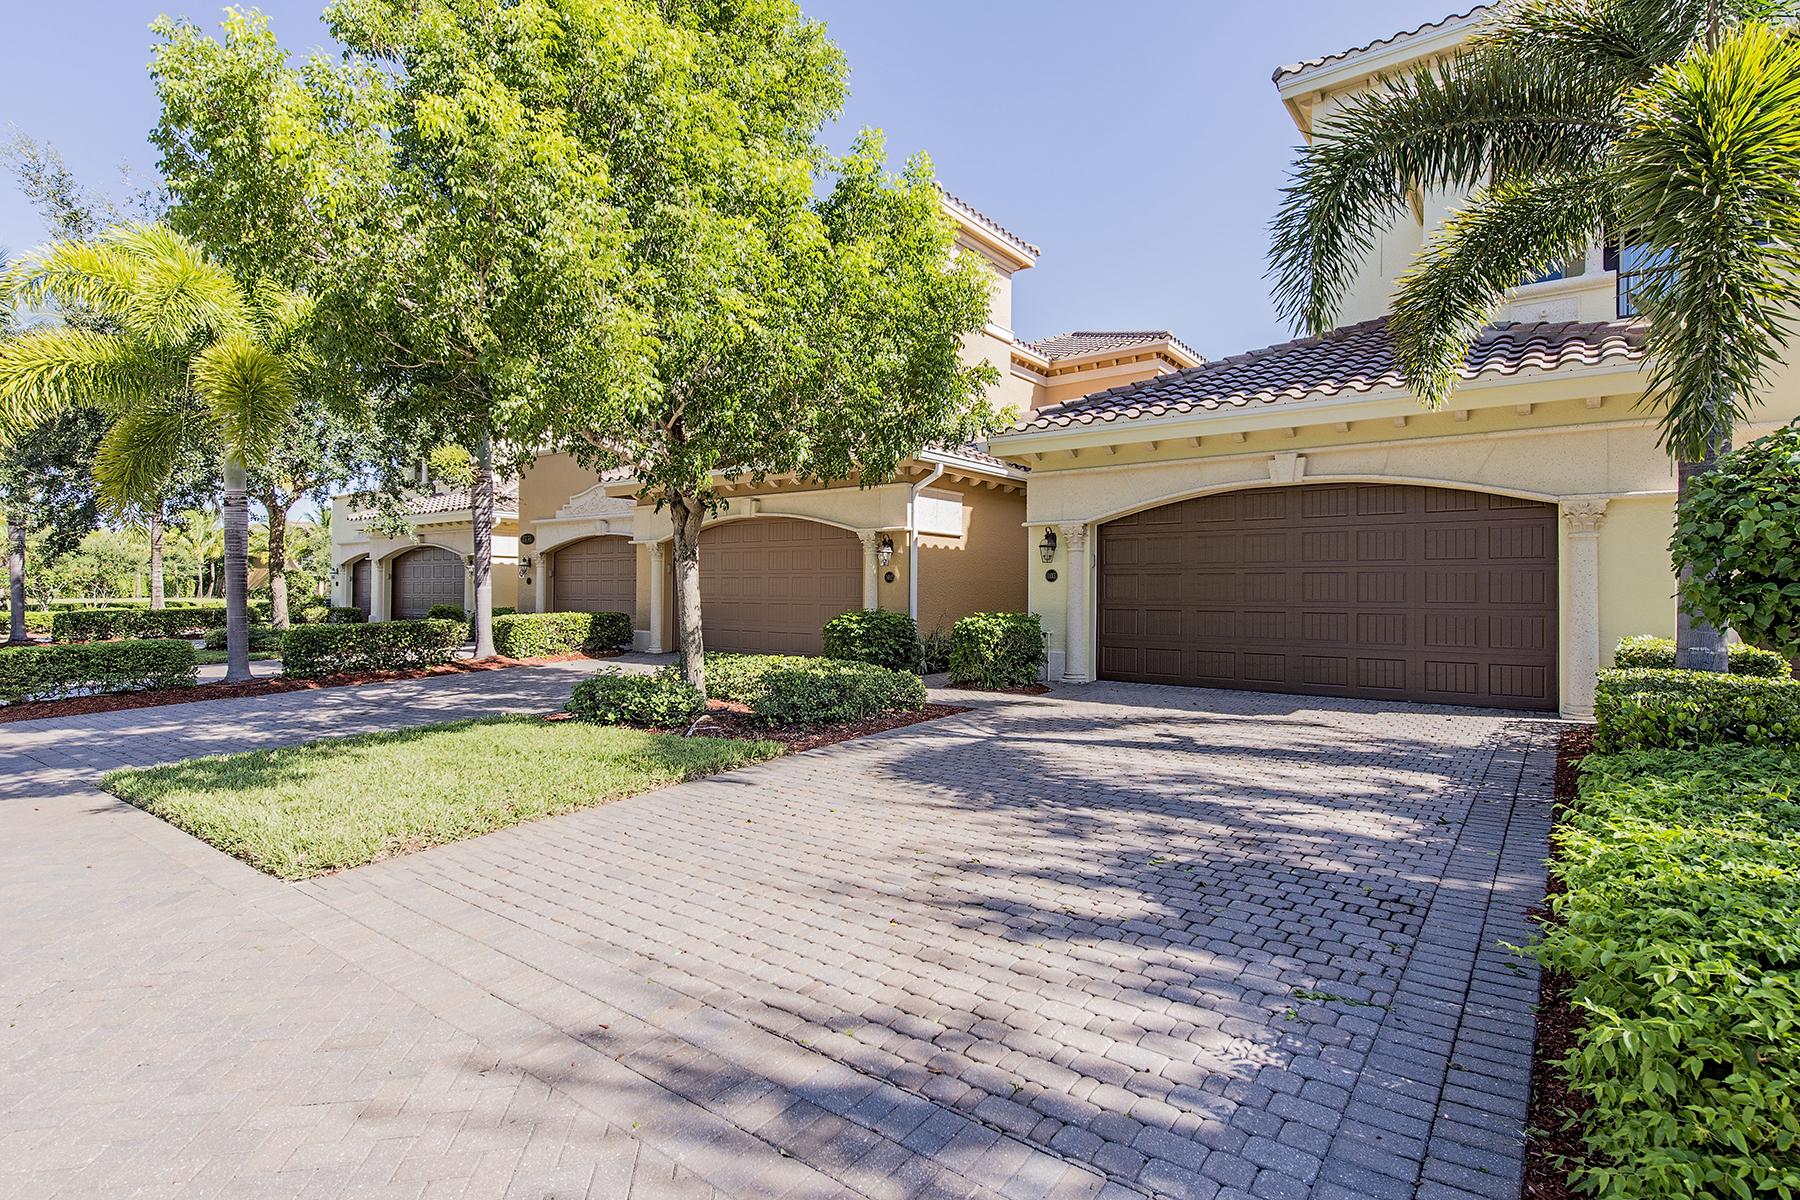 Condominium for Sale at FIDDLER'S CREEK - CALISTA 2731 Aviamar Cir 103 Naples, Florida 34114 United States